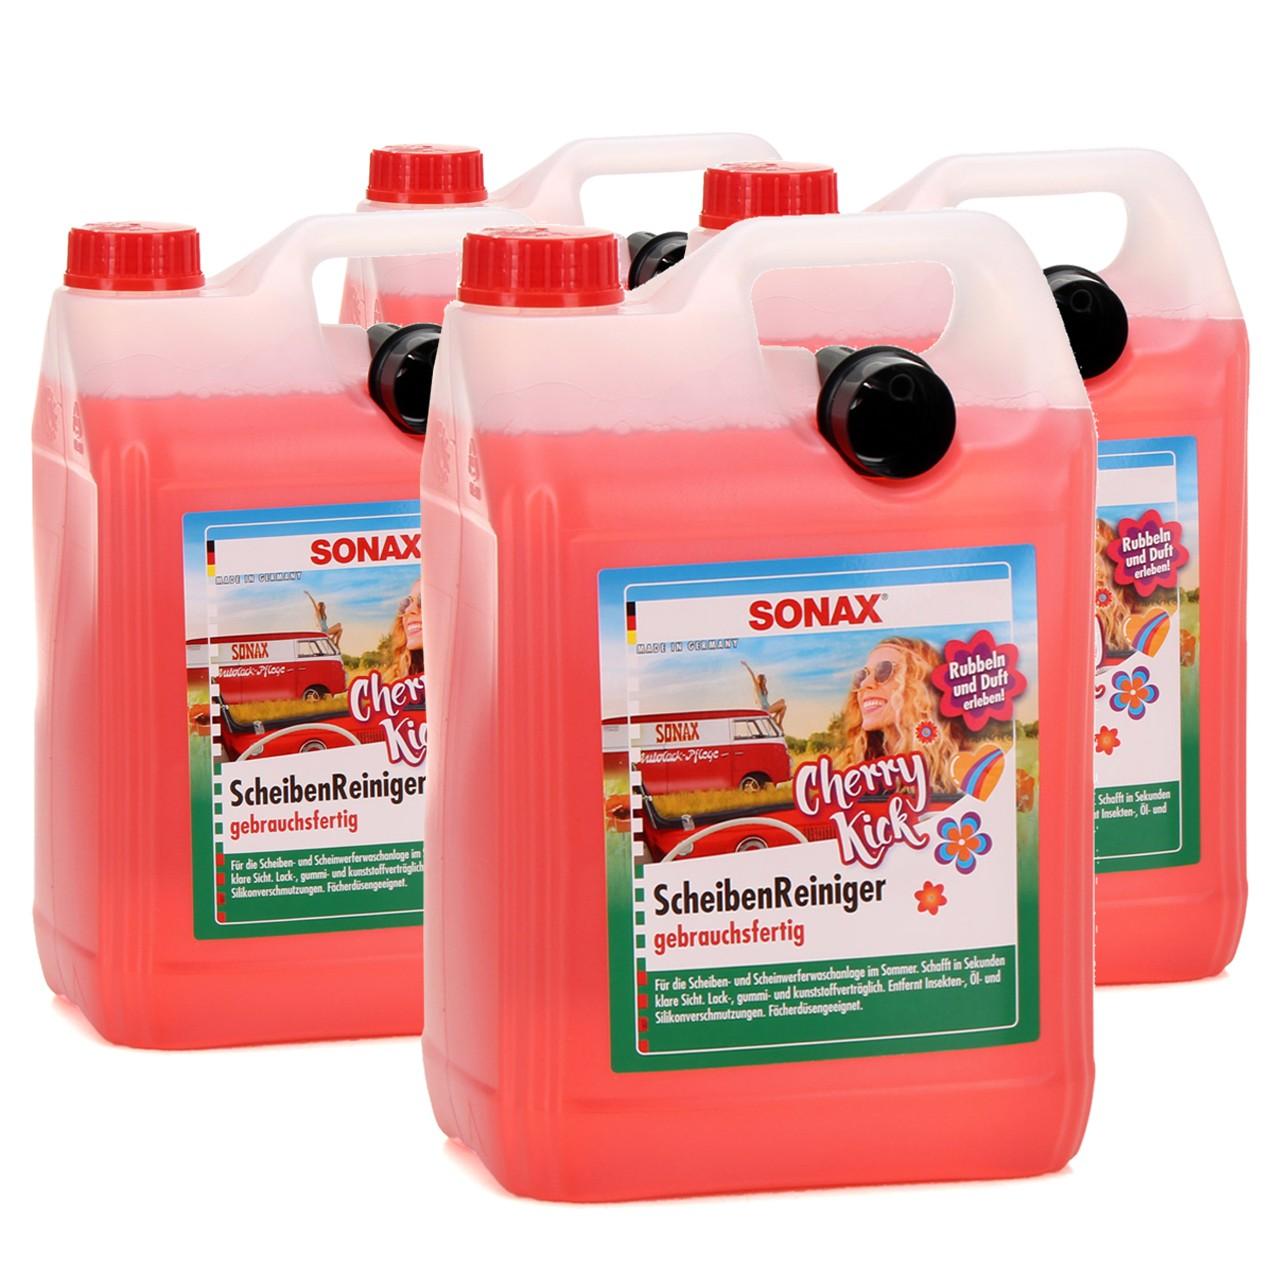 SONAX 392500 ScheibenReiniger gebrauchsfertig Cherry Kick 4x 5L 5 Liter